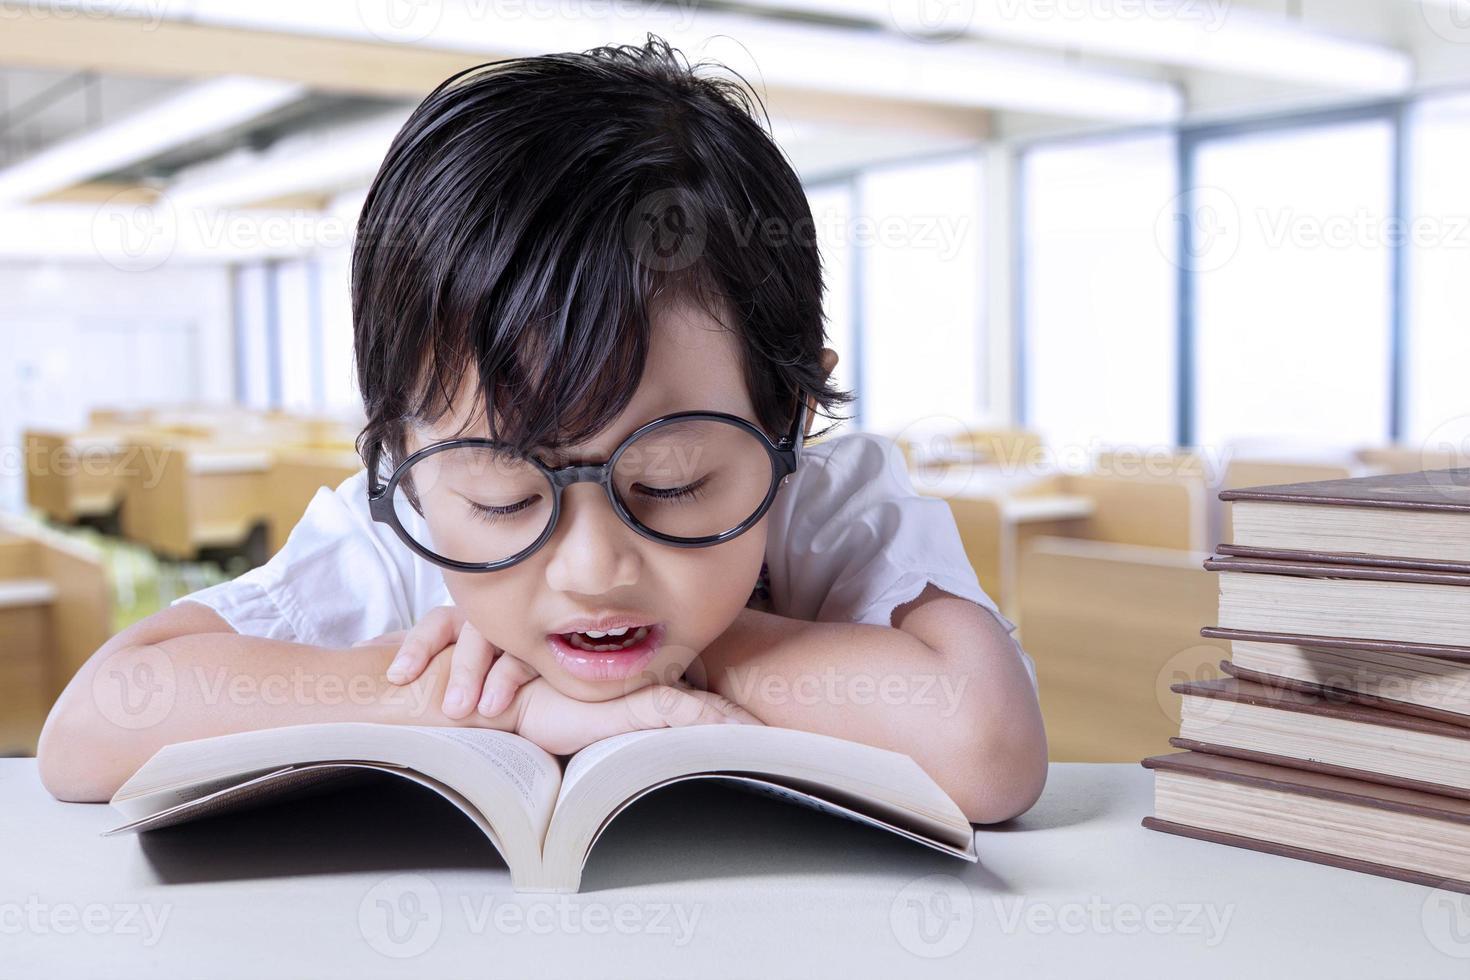 petit étudiant aime lire des livres en classe photo